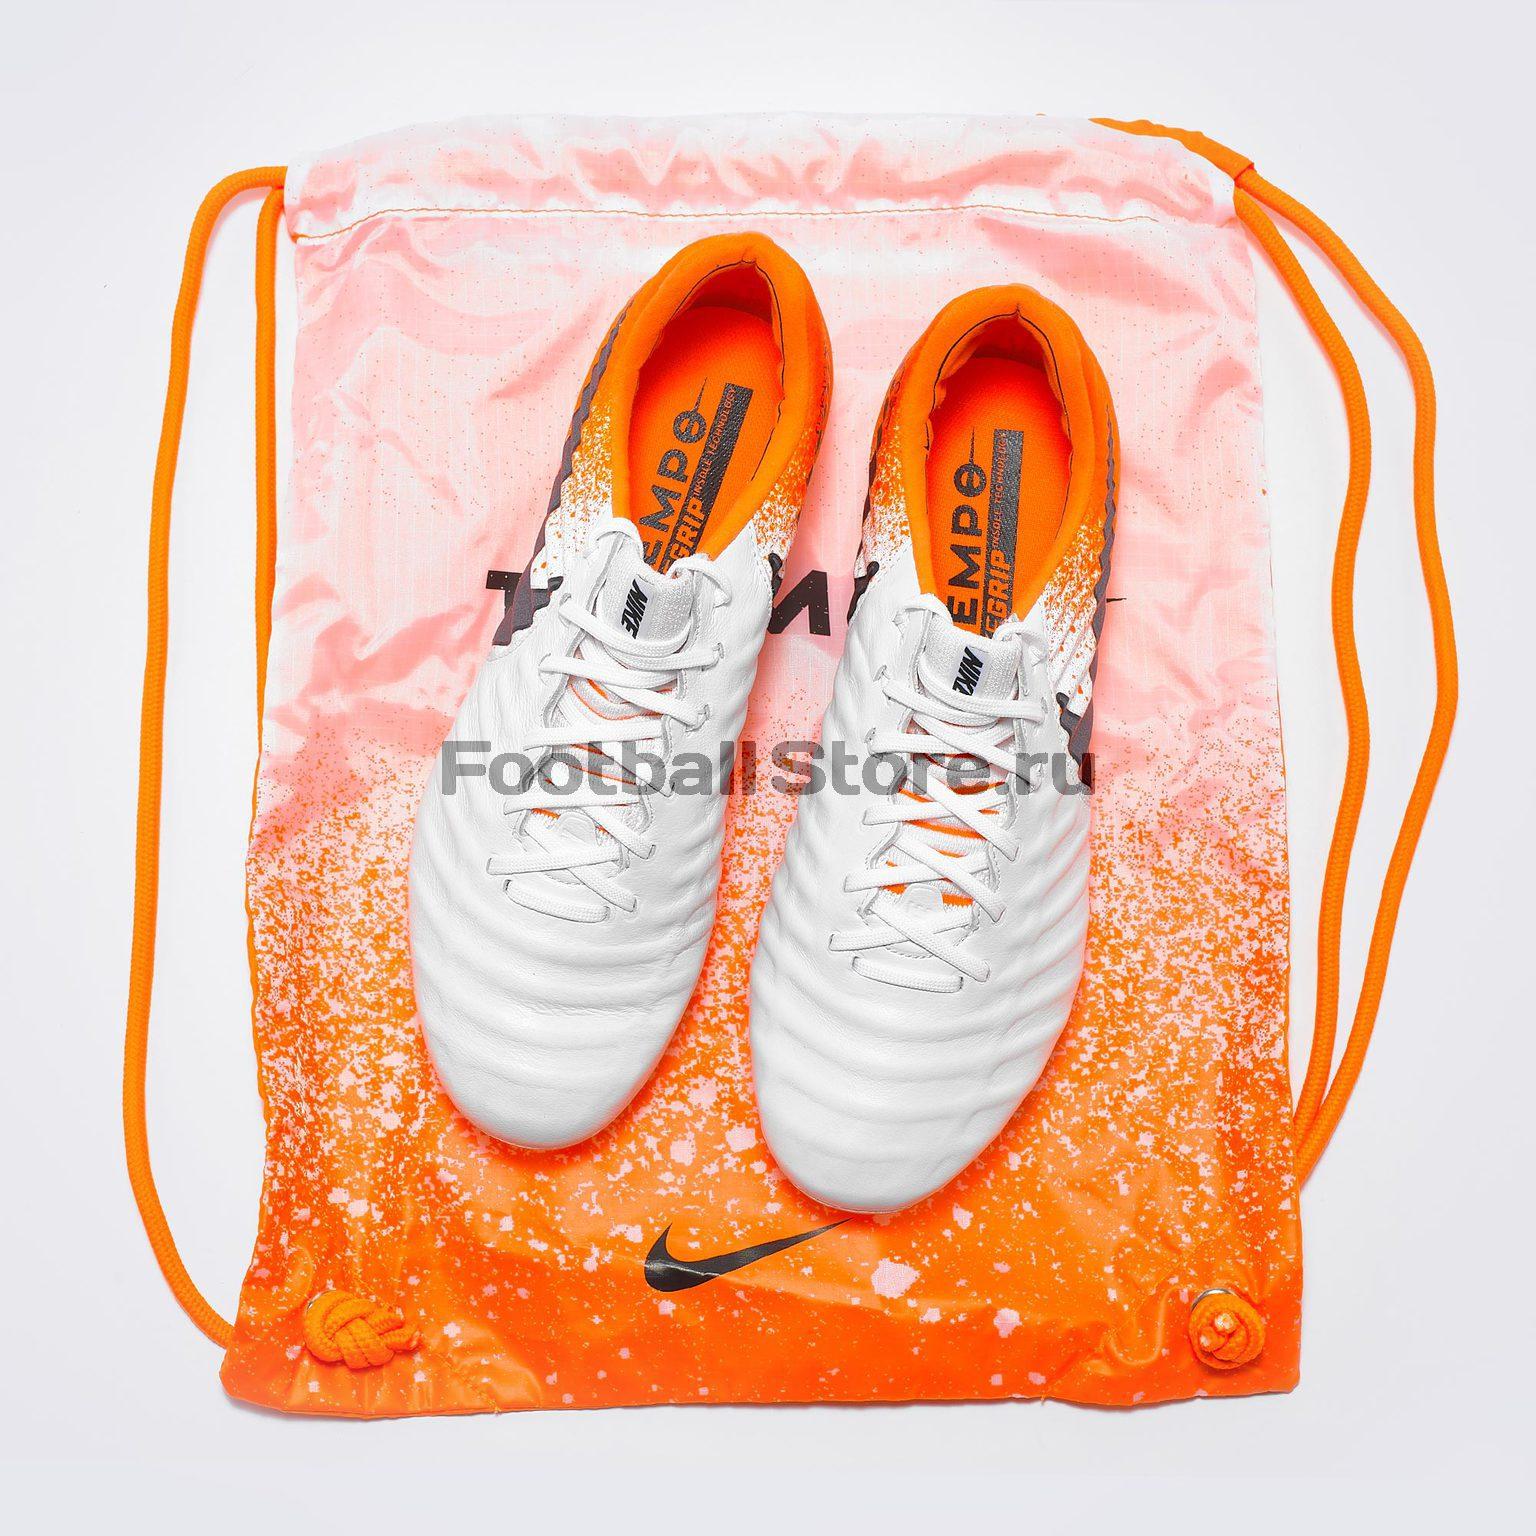 690979d4 ... Бутсы Nike Legend 7 Elite FG AH7238-118. О ТОВАРЕ; РАСЧЕТ ДОСТАВКИ